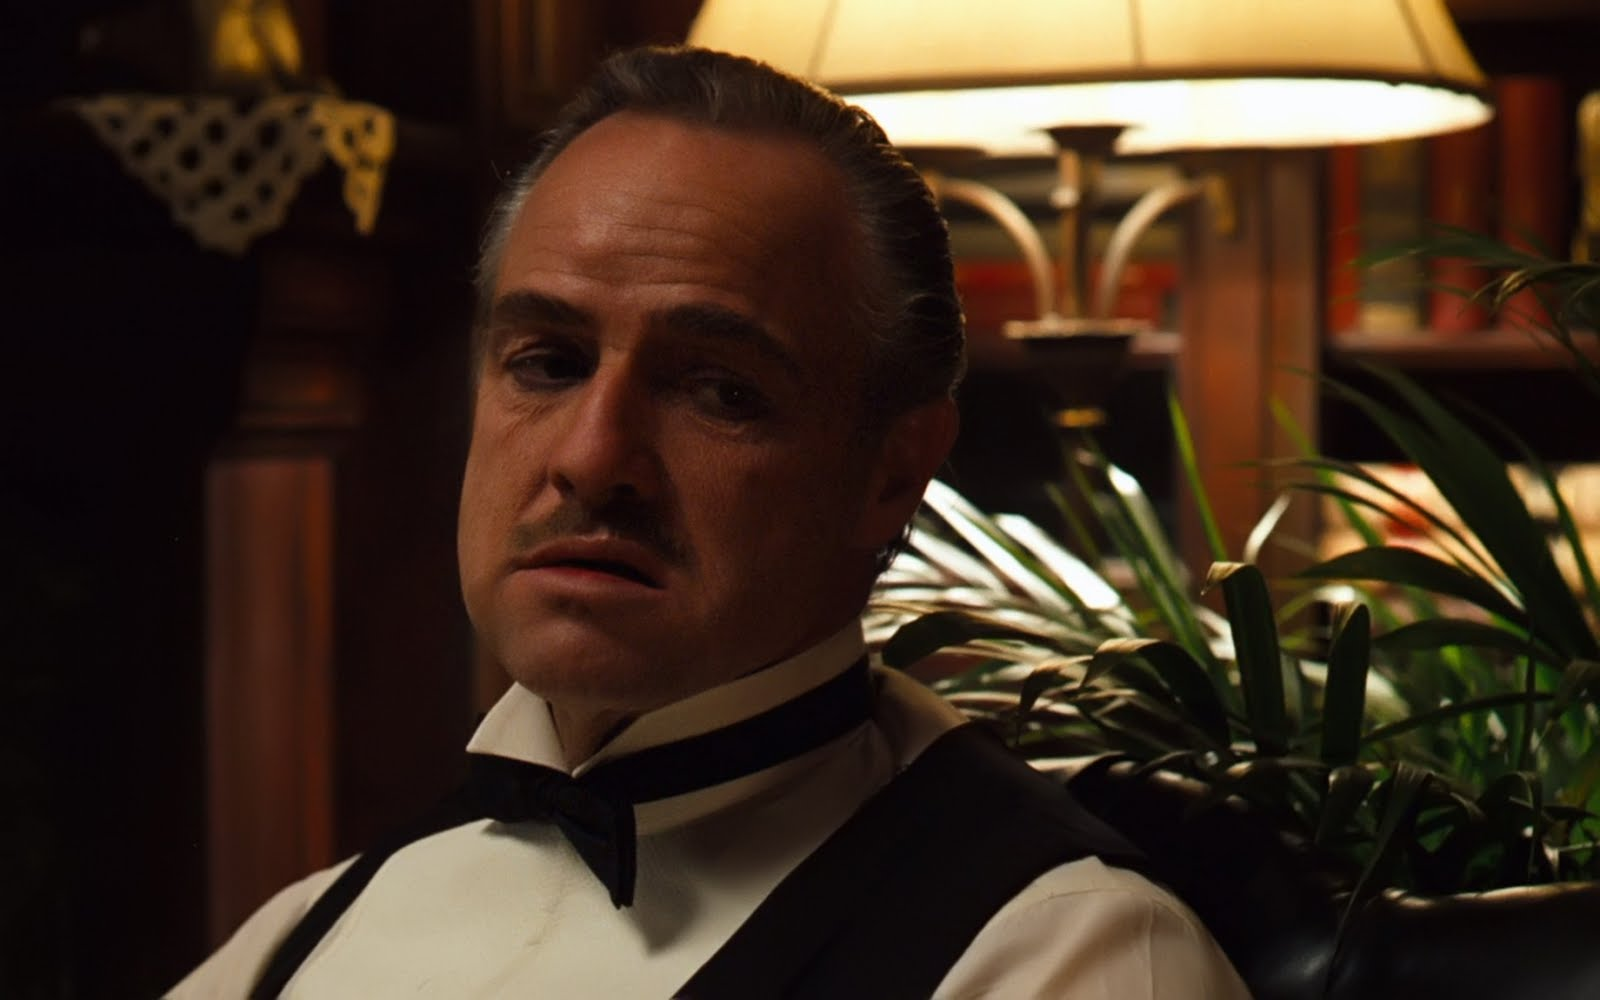 claudioneisantalucia: Don Vito Corleone